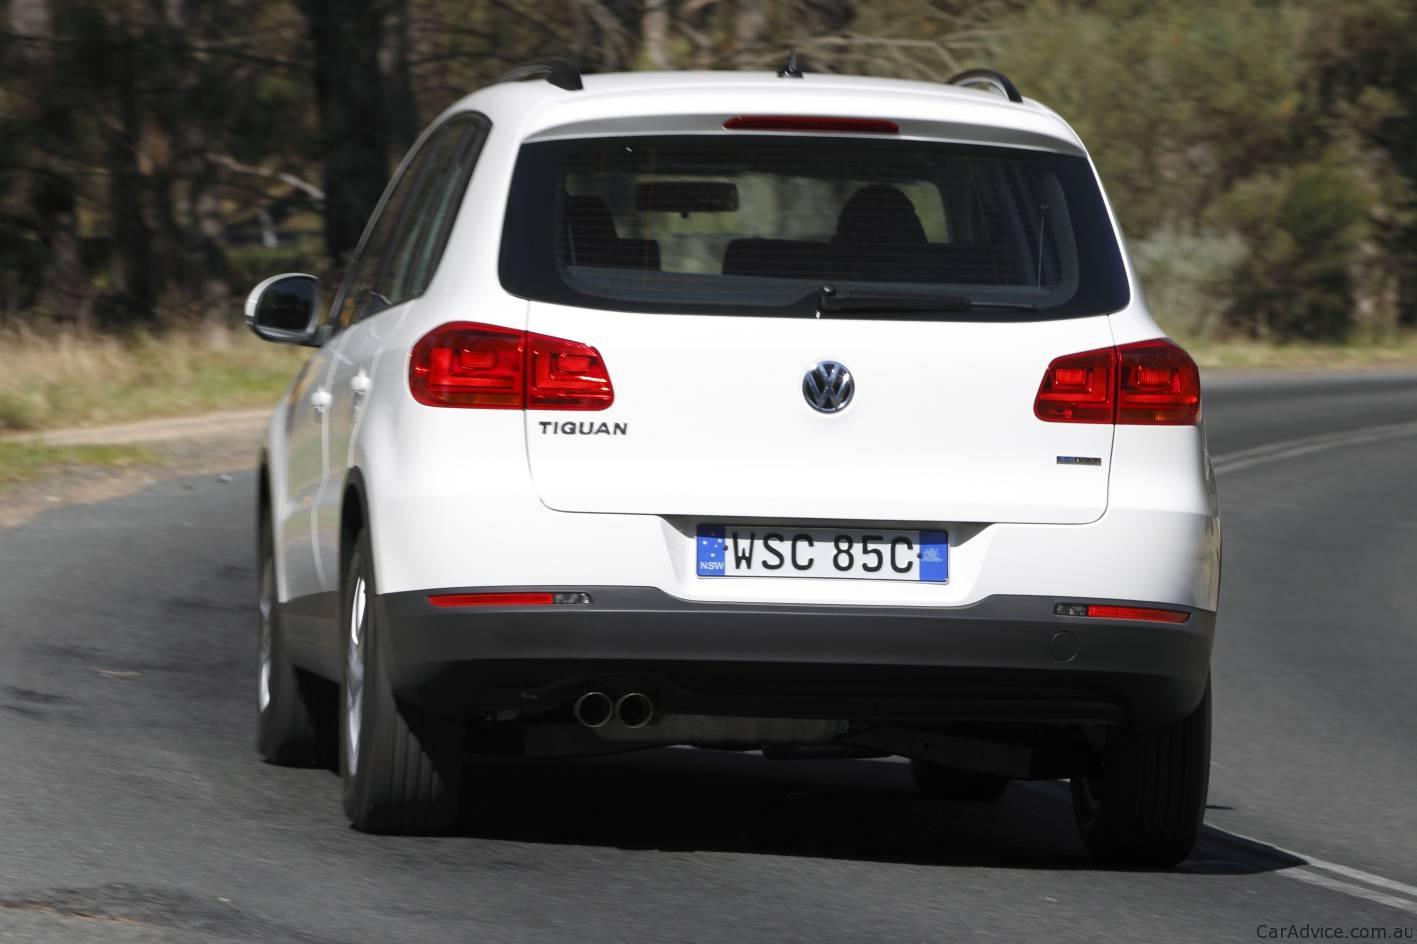 2012 Volkswagen Tiguan Facelift Announced Caradvice